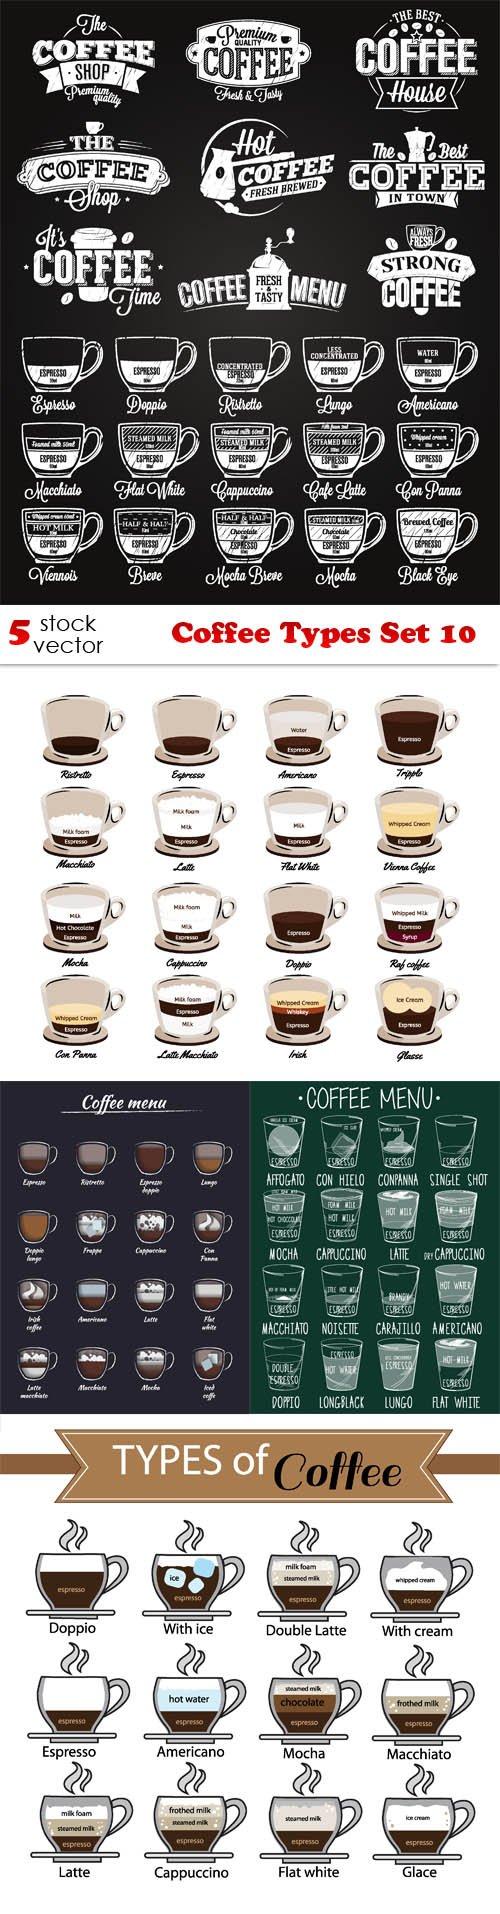 Vectors - Coffee Types Set 10